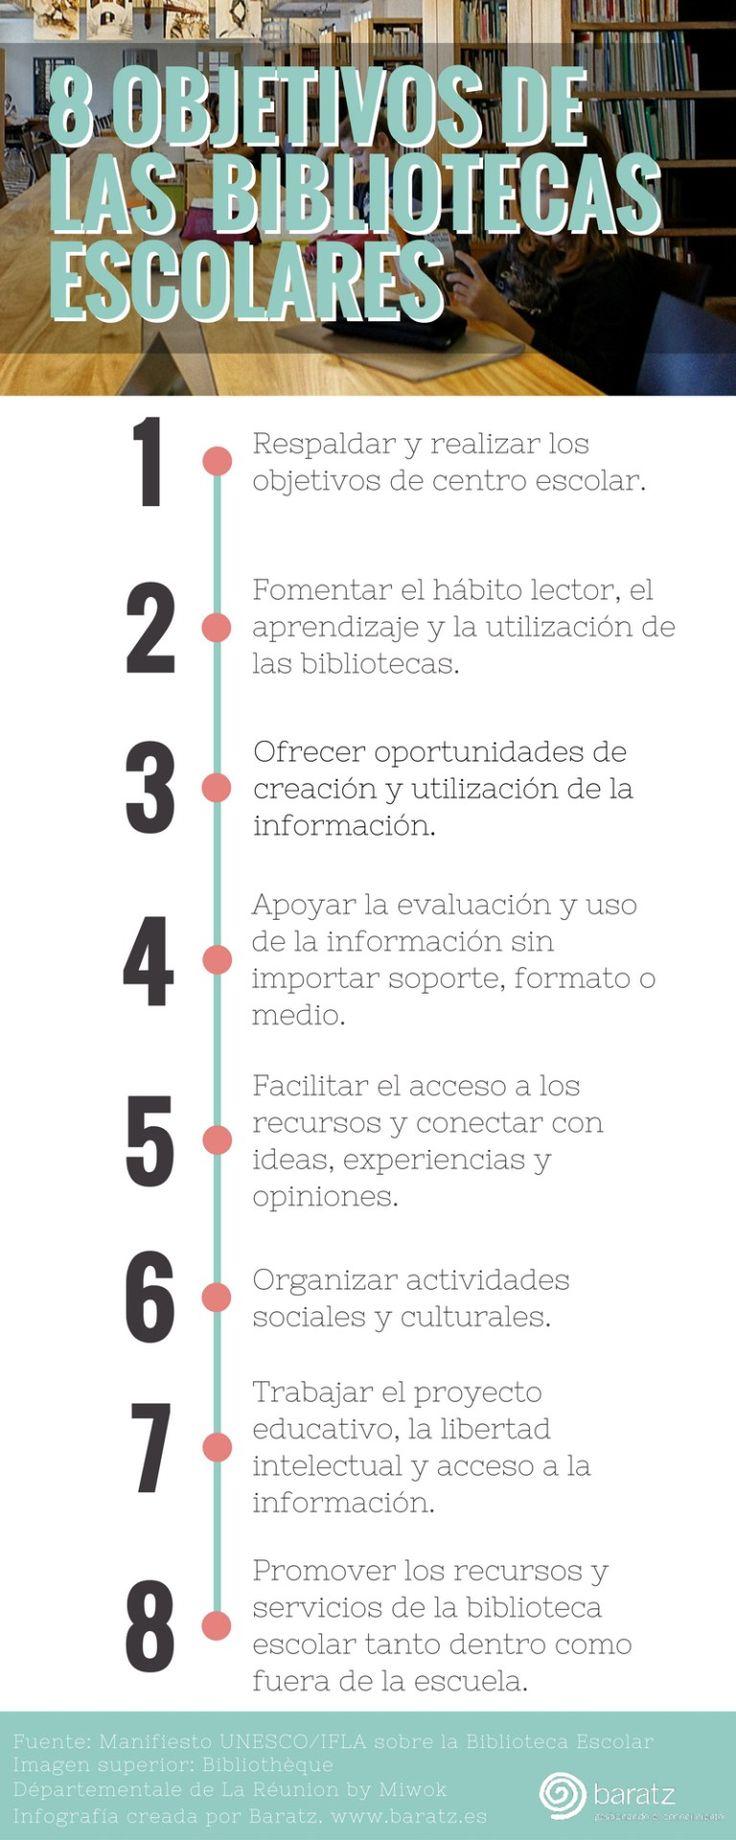 http://www.comunidadbaratz.com/blog/los-8-objetivos-de-la-biblioteca-escolar-en-el-proceso-educativo/